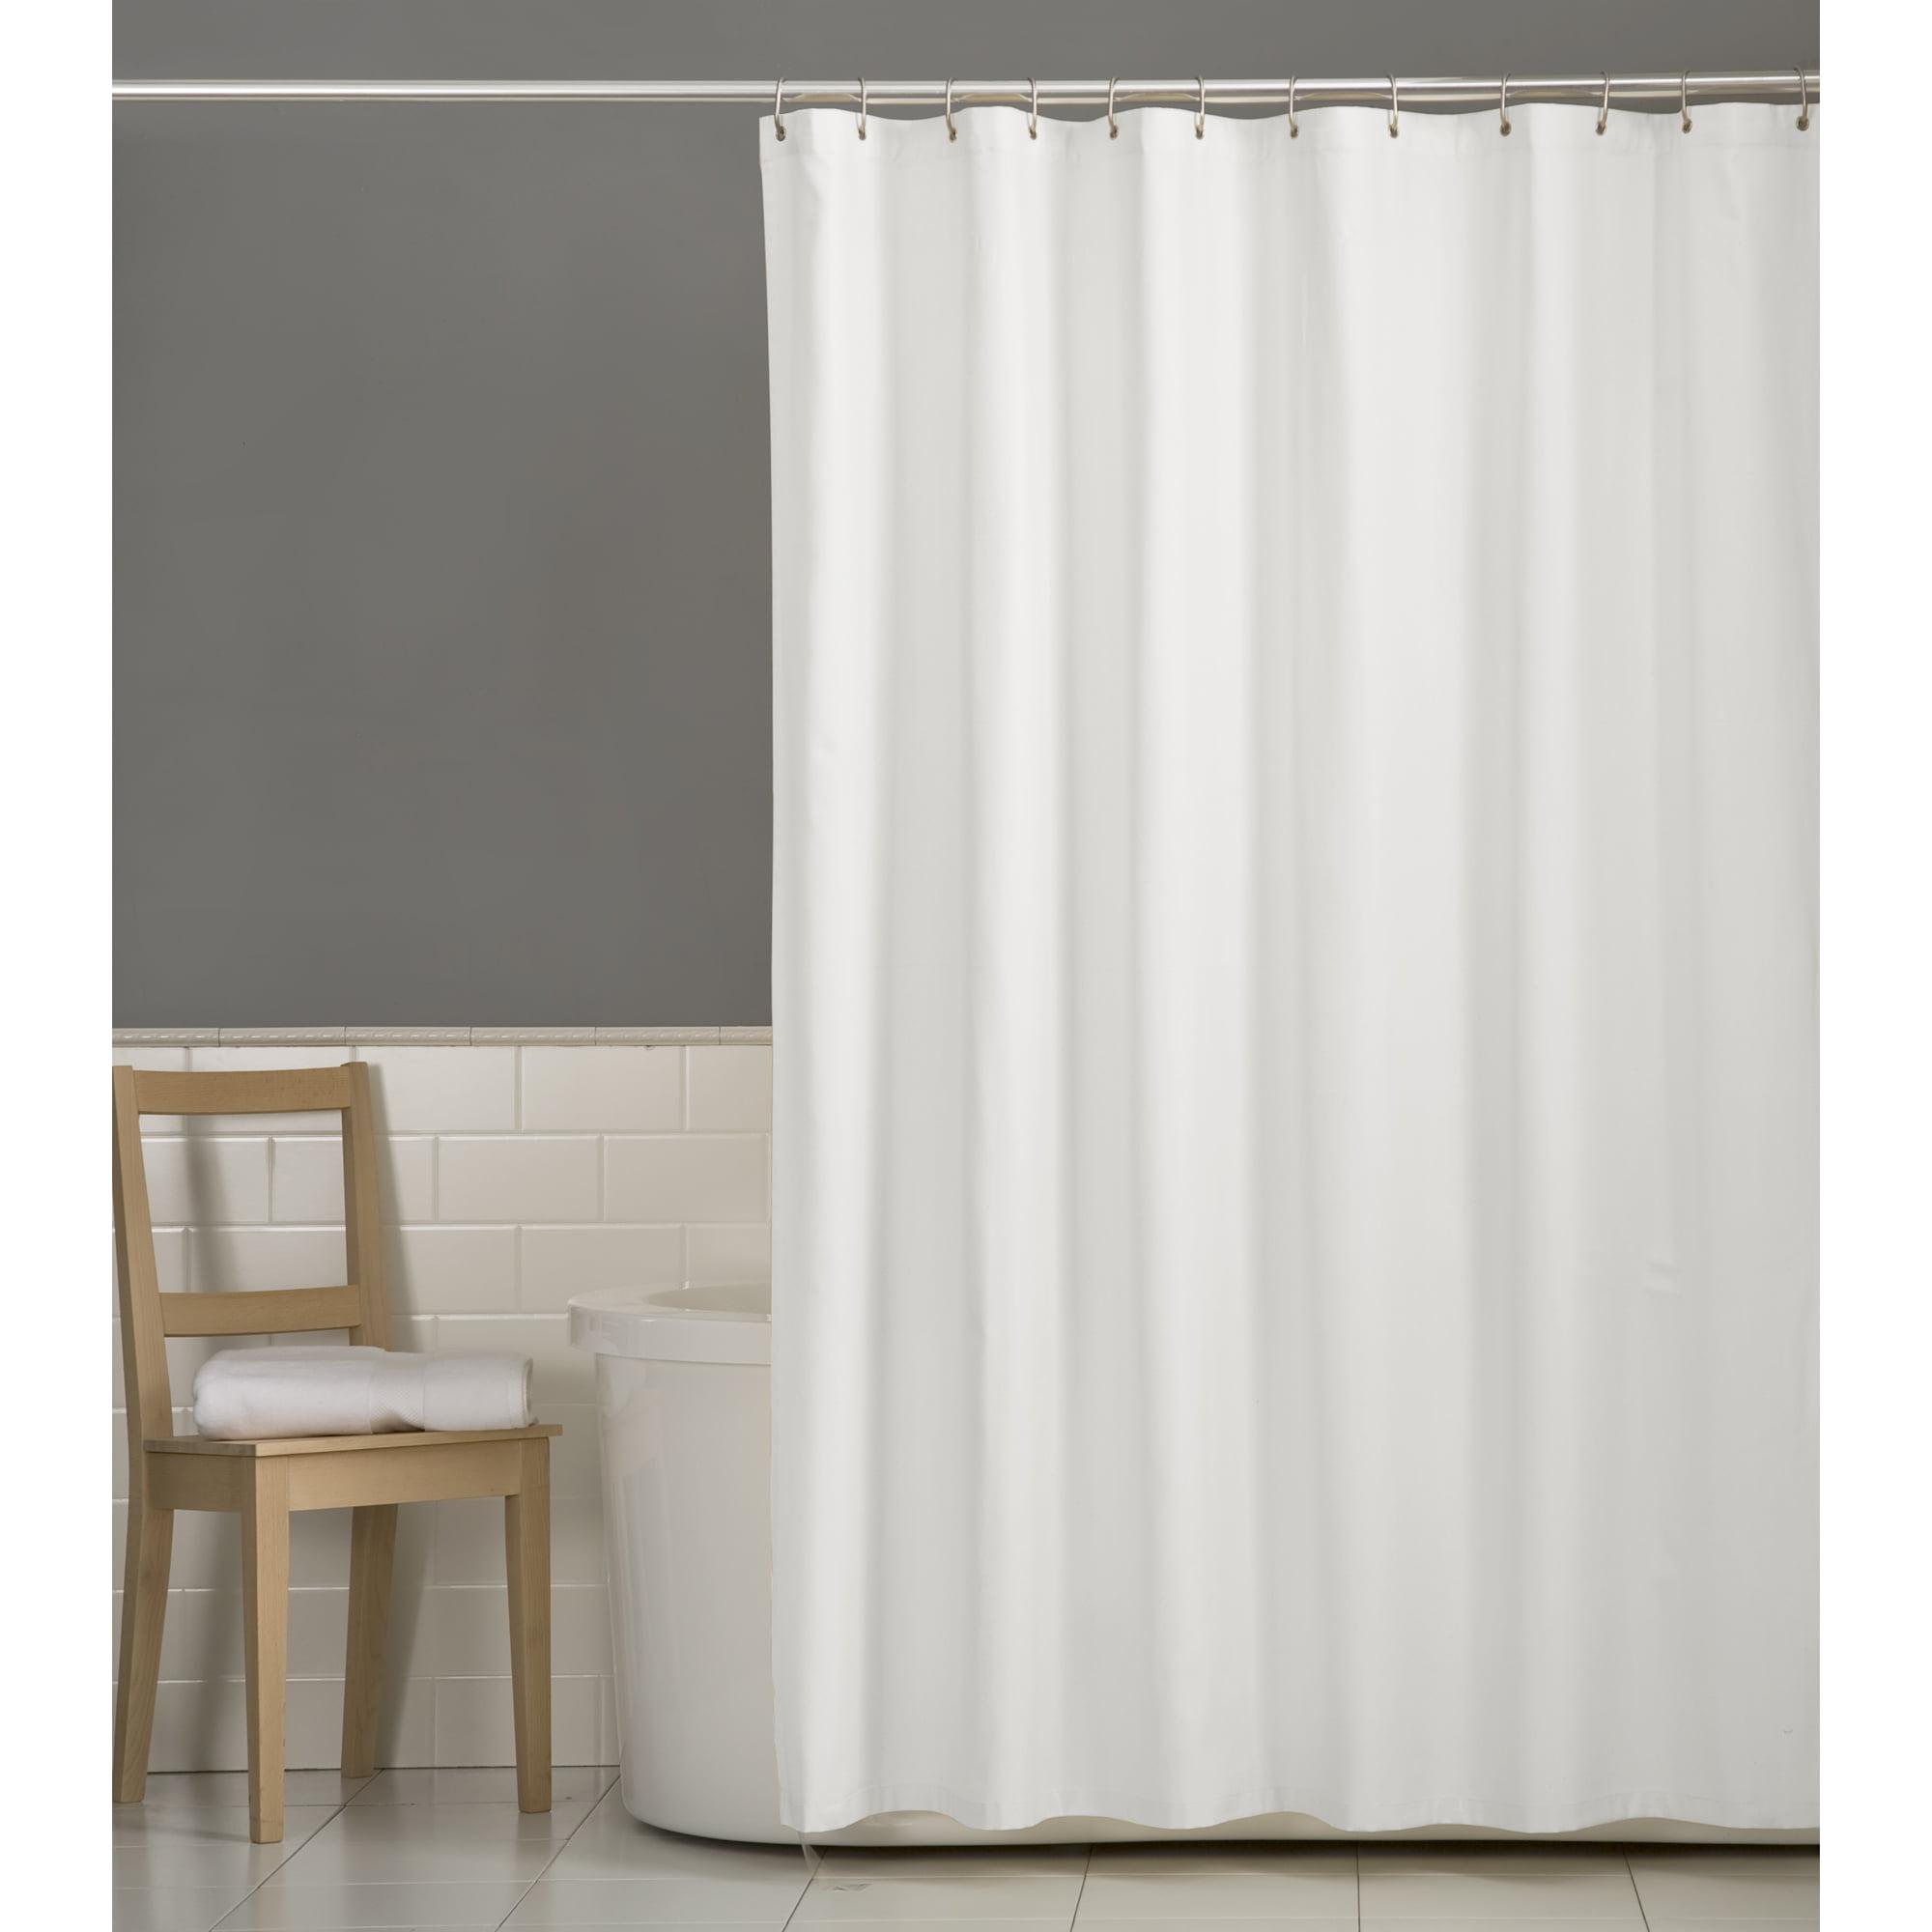 Shower Curtains Walmartcom Walmartcom